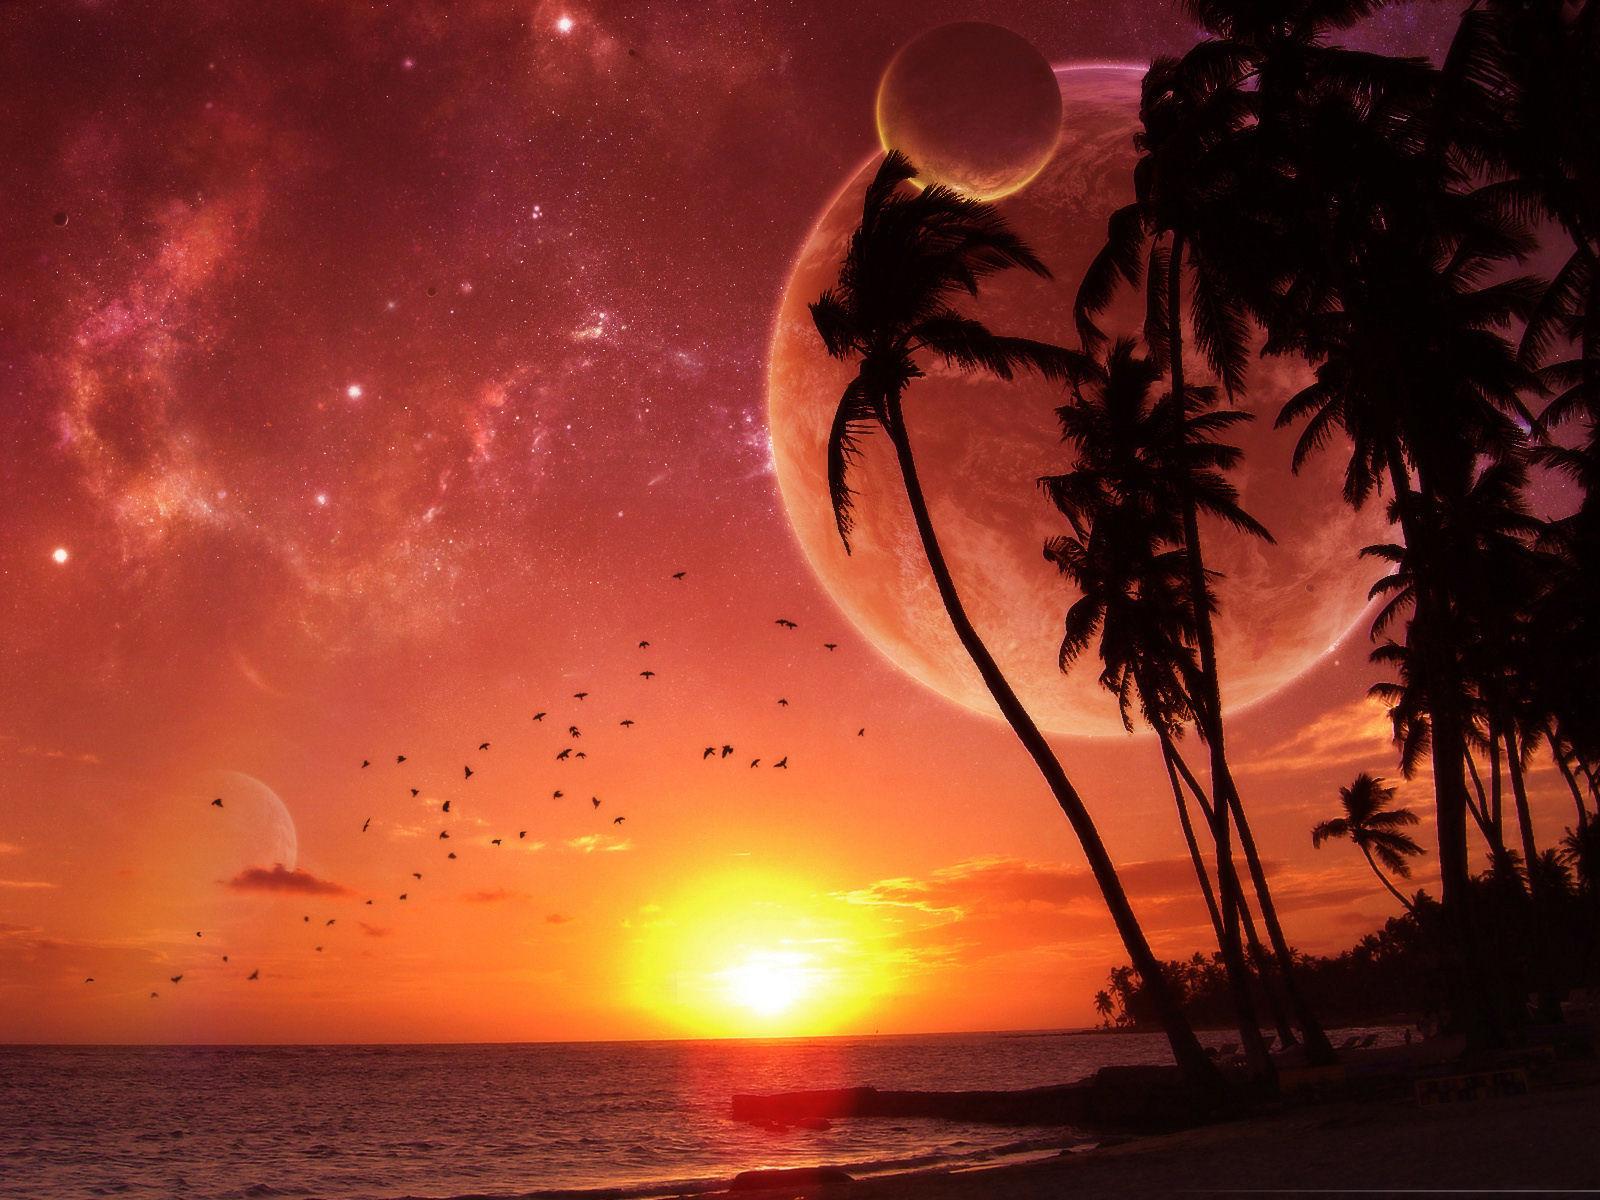 http://3.bp.blogspot.com/_mhslgZVdV3Y/S-8l7Hbh0xI/AAAAAAAAAKs/9j9WkXpb9tY/s1600/solelua2.jpg